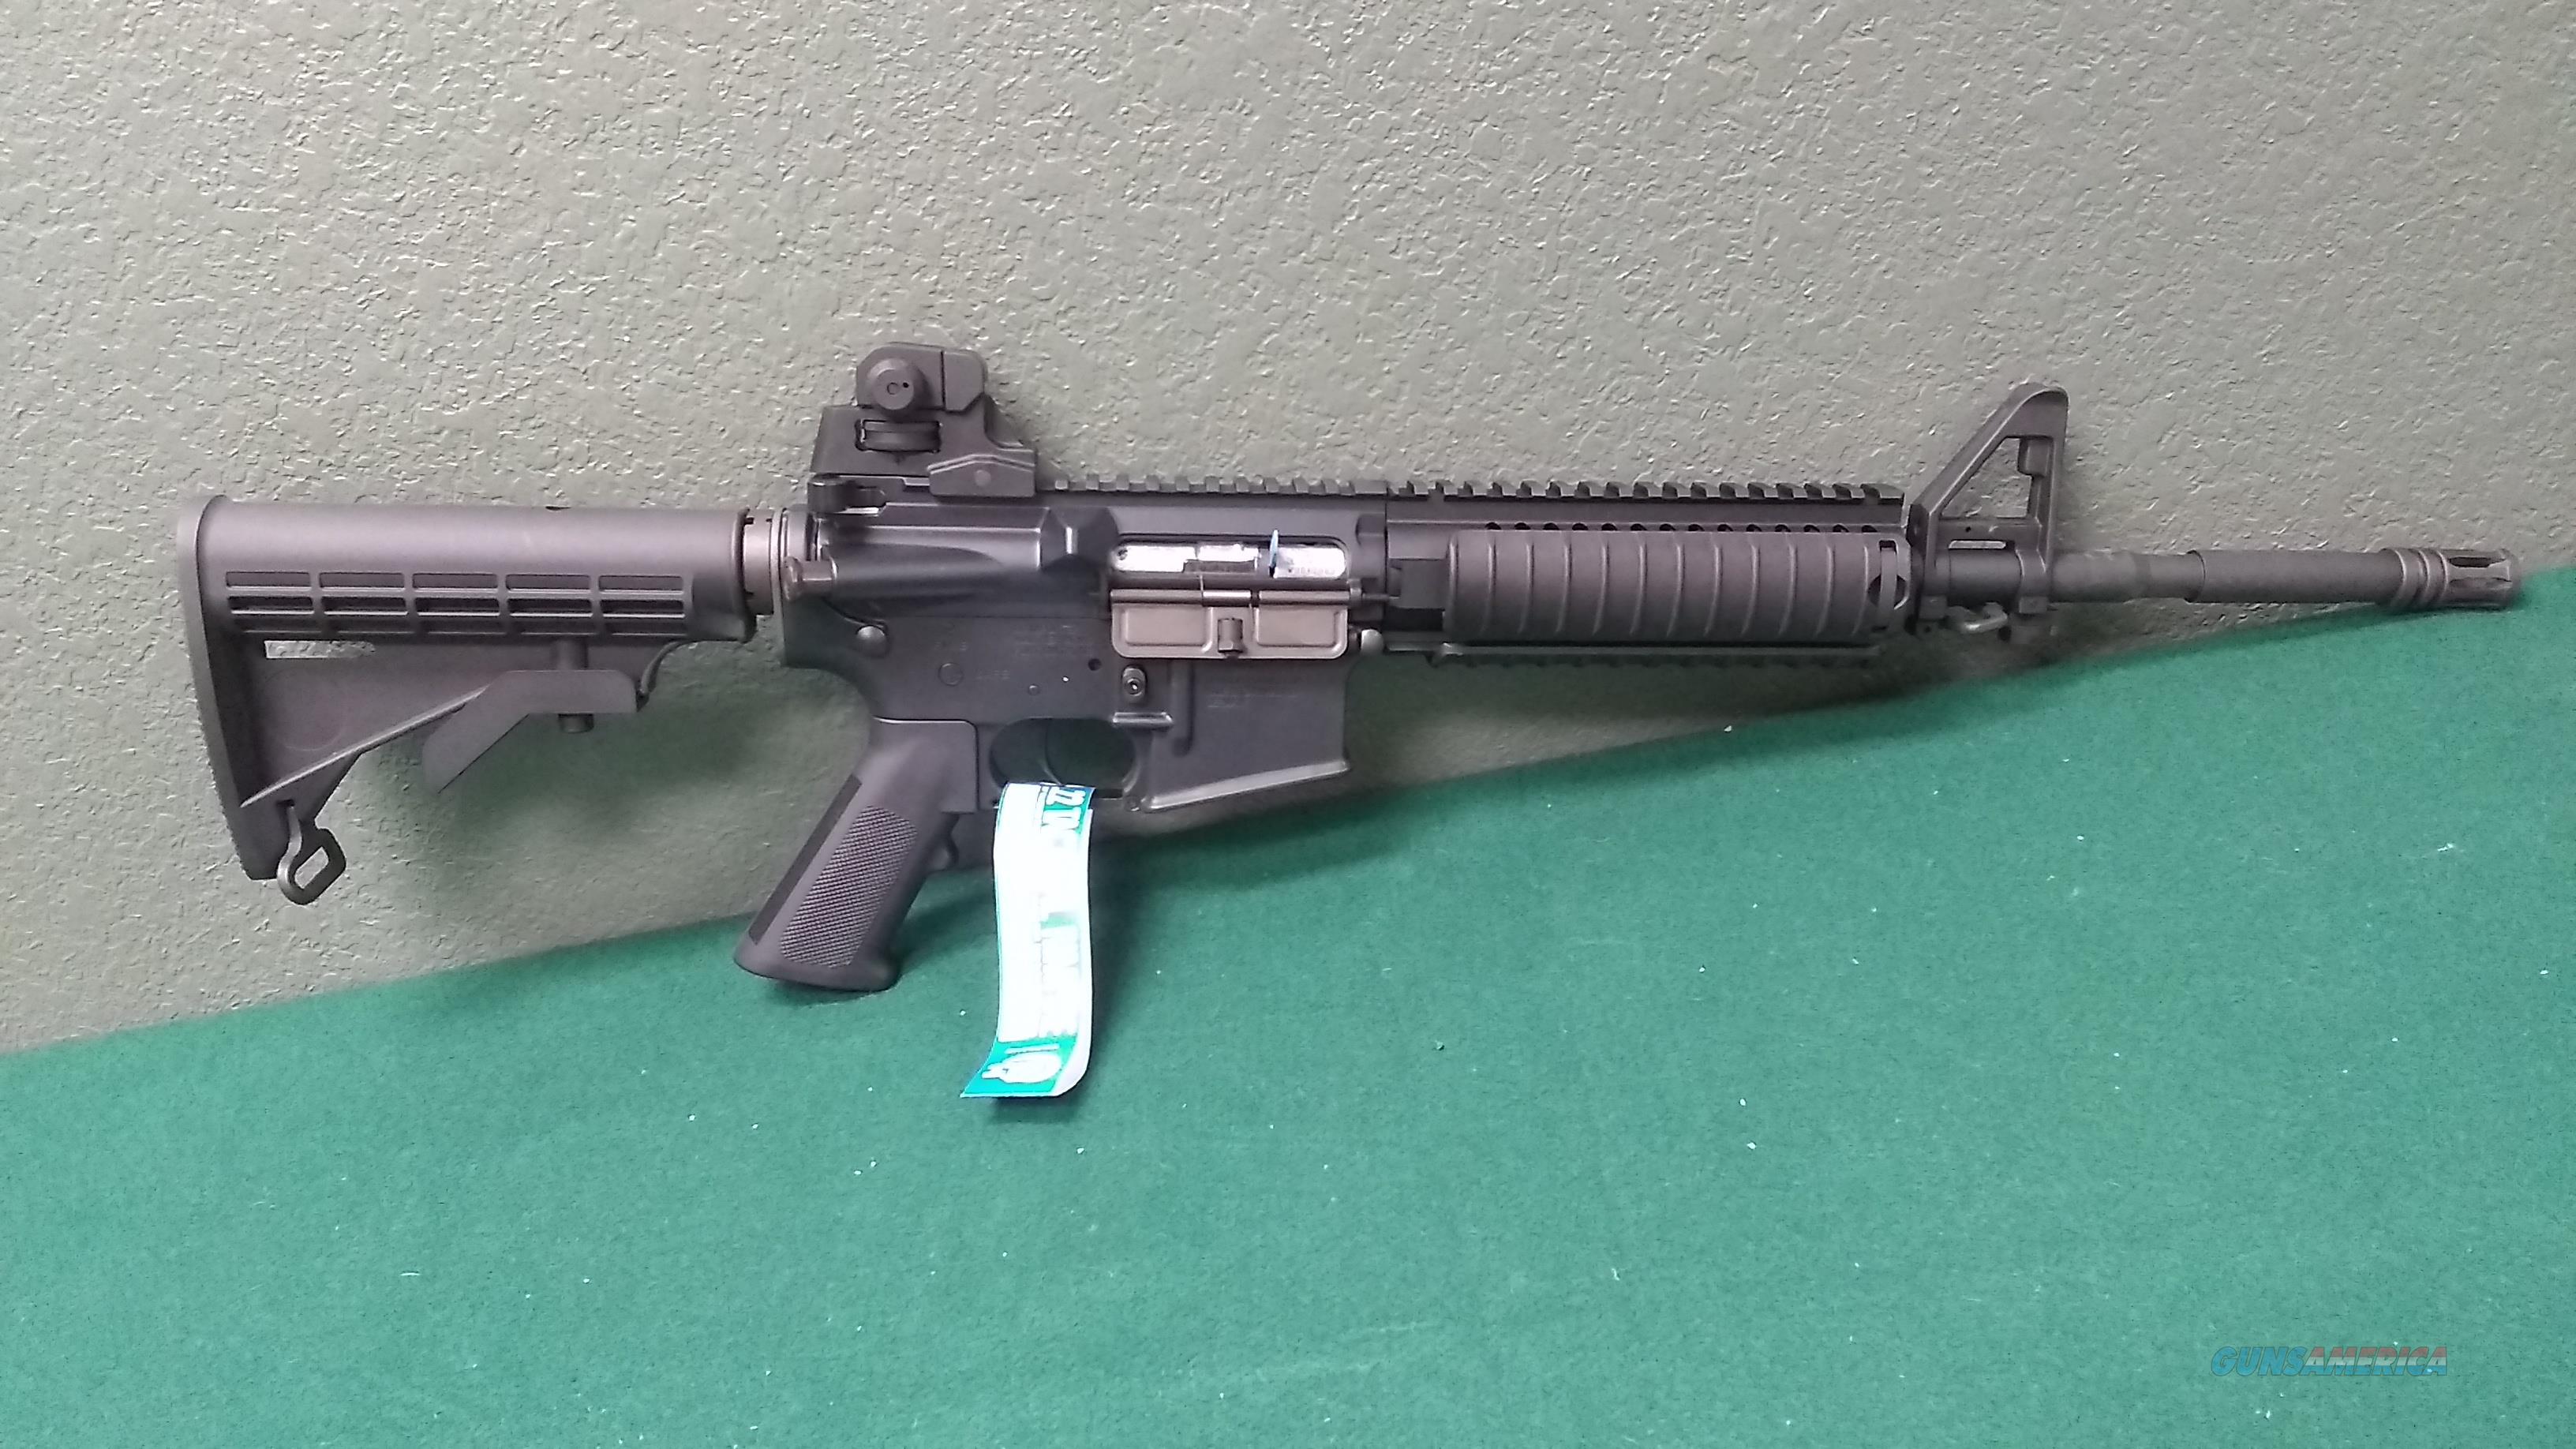 Umarex made Colt M4 OPS 22LR Rifle. - Unfired  Guns > Rifles > TU Misc Rifles